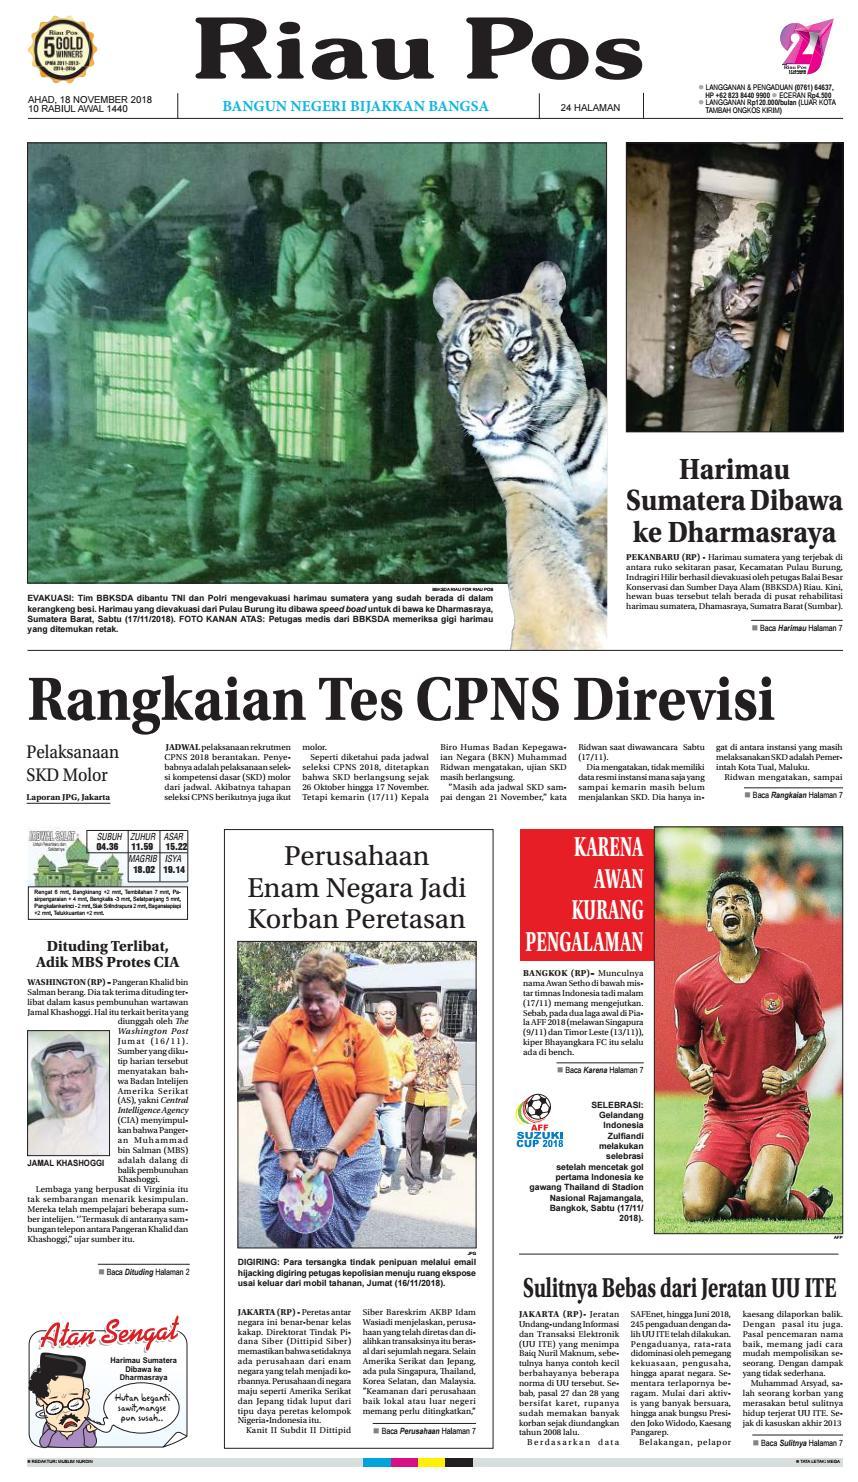 Riau Pos Edisi Minggu 18 November 2018 By Riau Pos Issuu